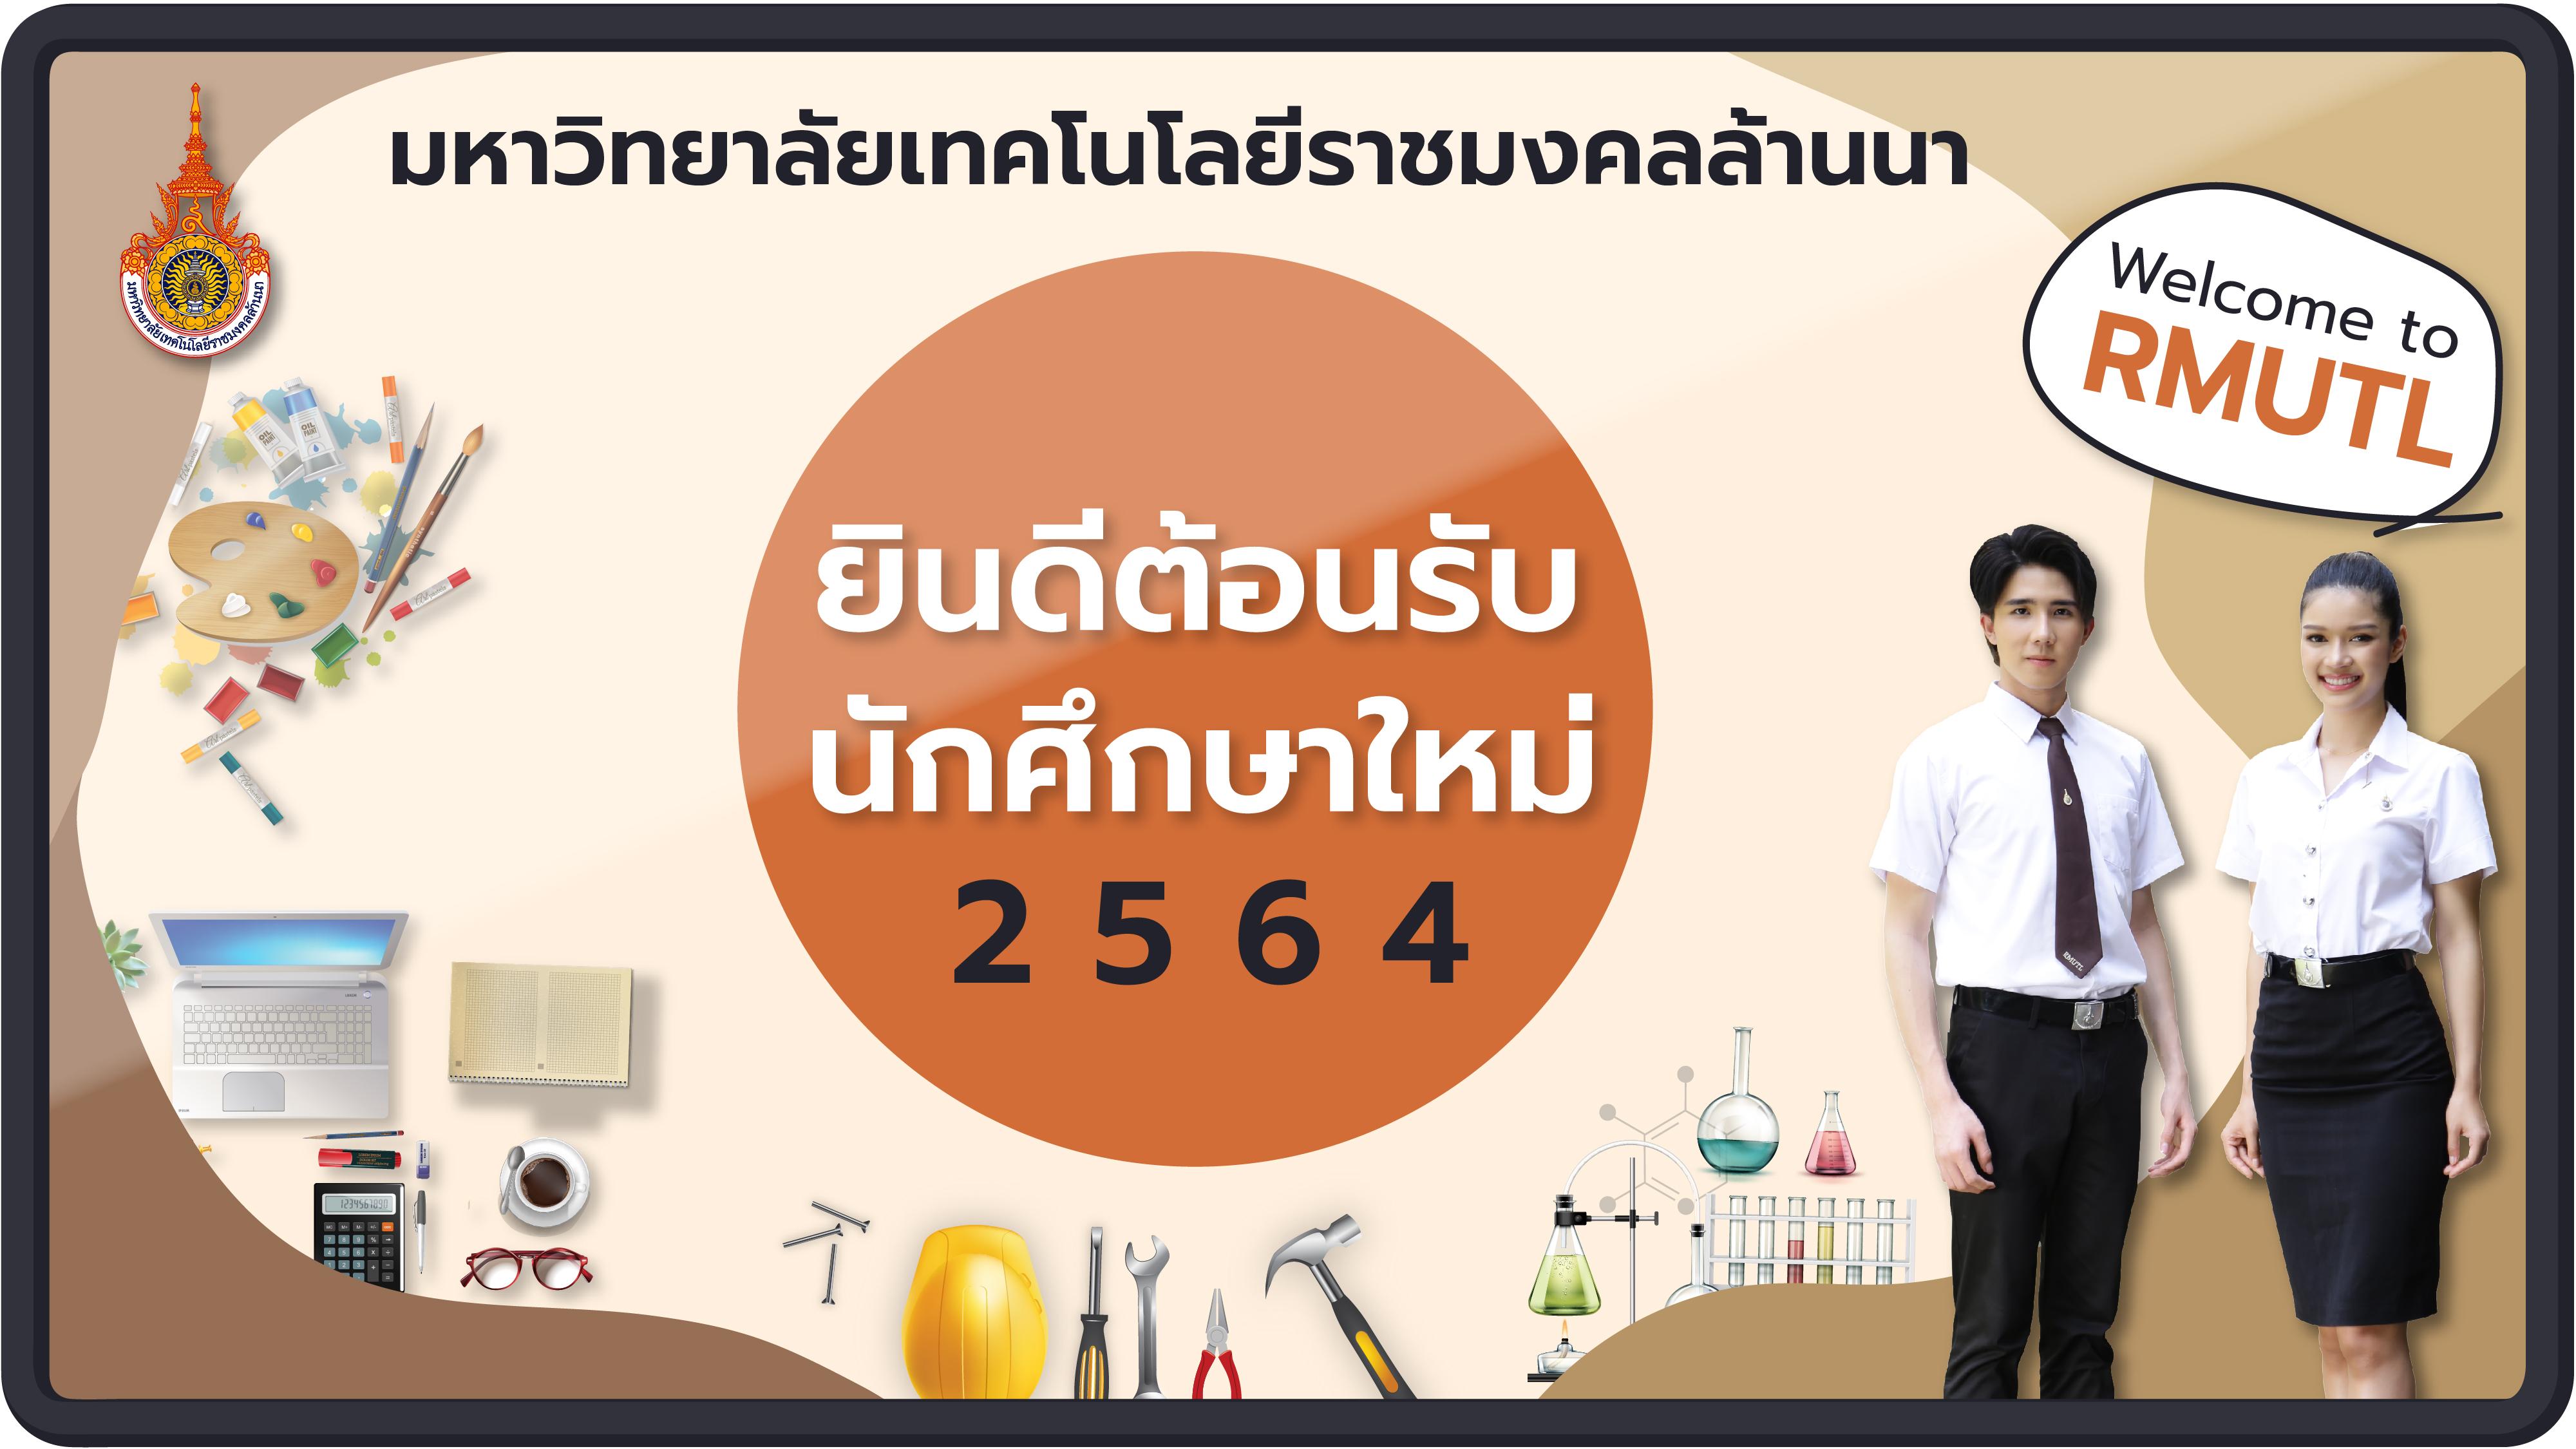 ยินดีต้อนรับนักศึกษาใหม่ ปีการศึกษา 2564